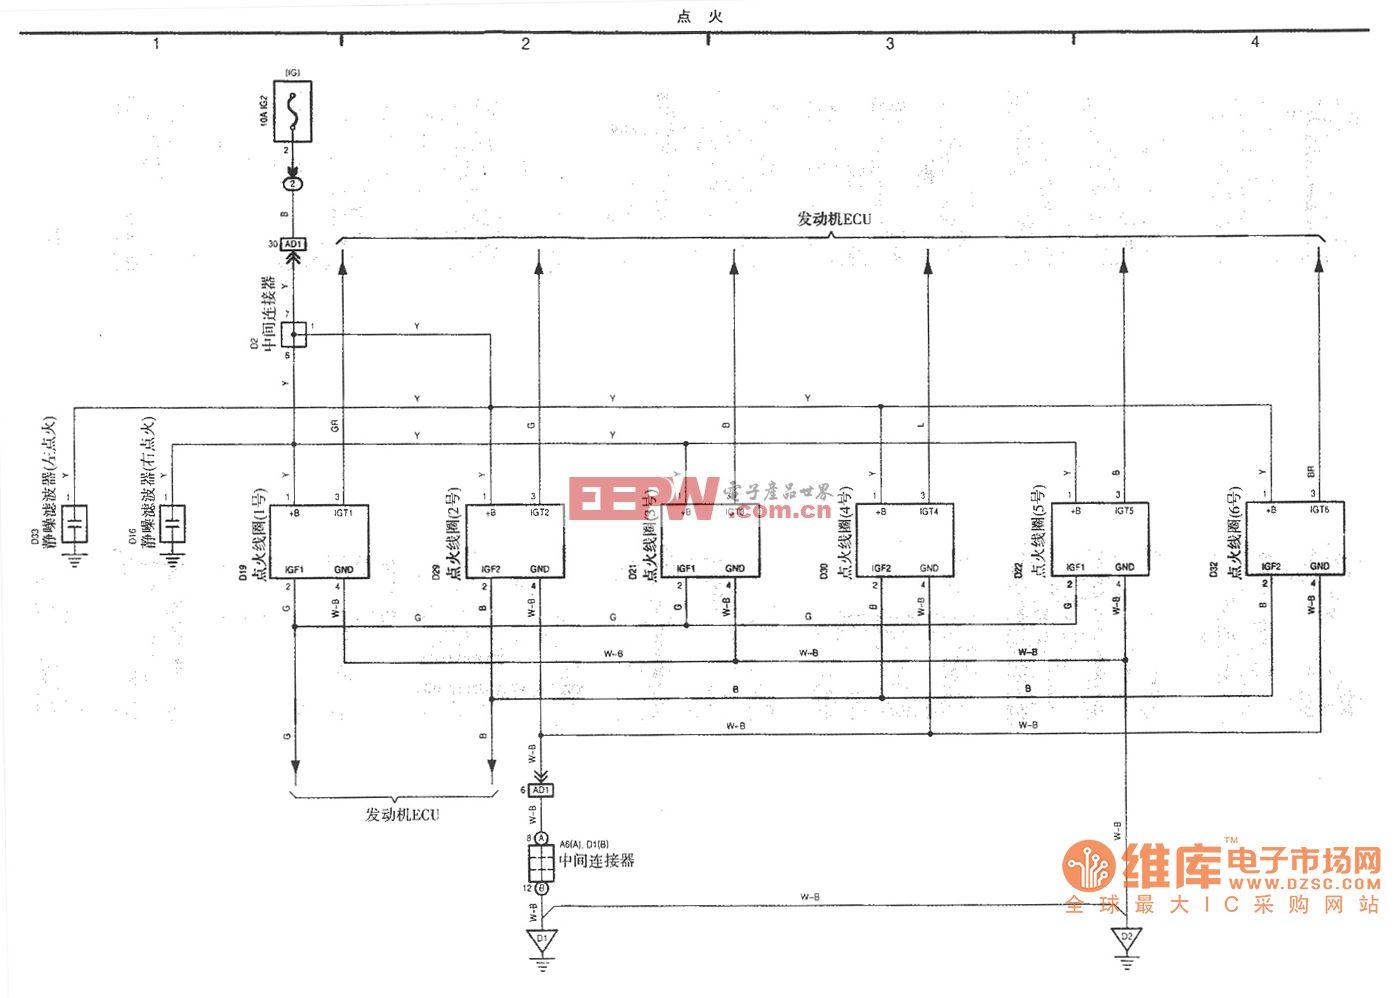 丰田锐志 电路图 点火系统 一汽/如图所示一汽丰田锐志点火系统电路图